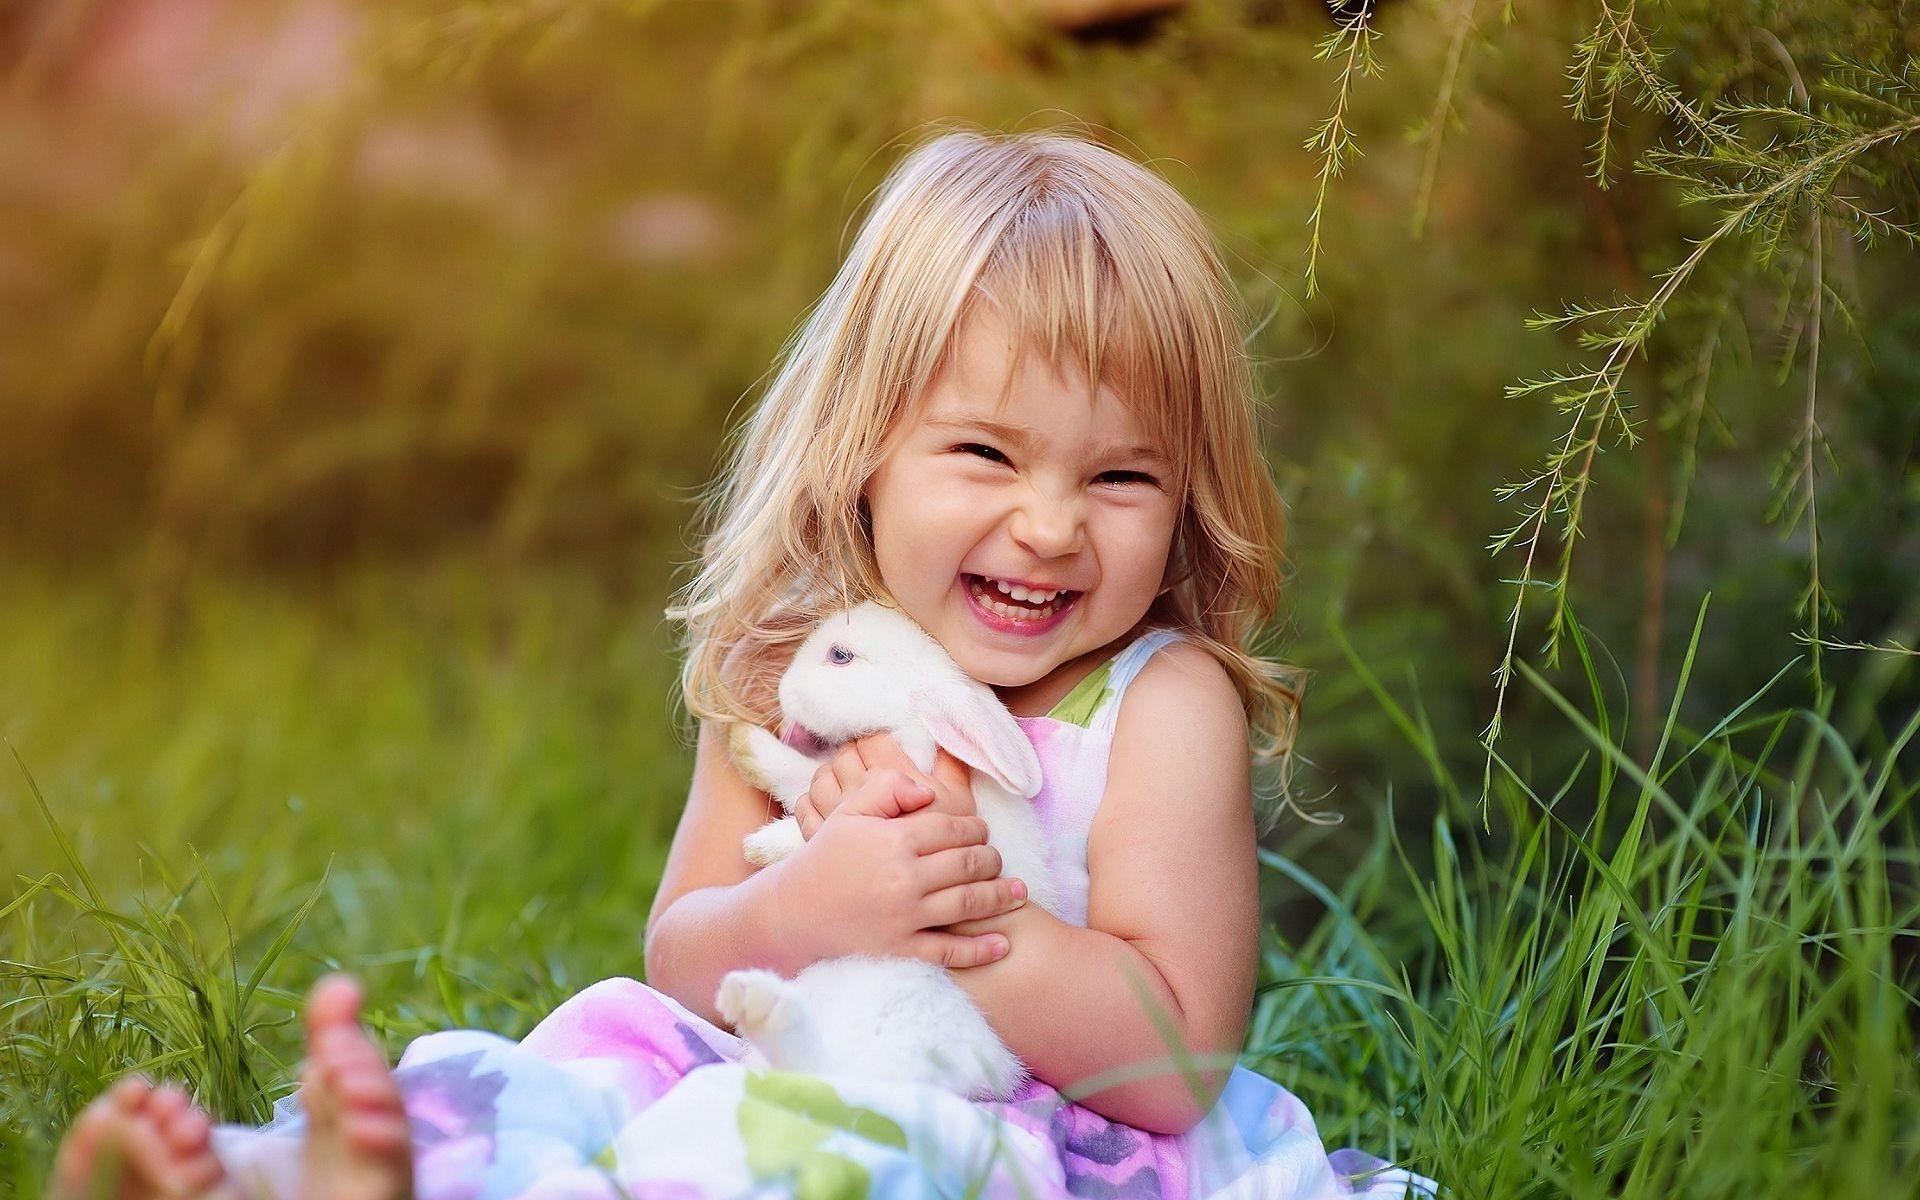 Beautiful Baby Girl Pictures Free Download Vinny Oleo Vegetal Info